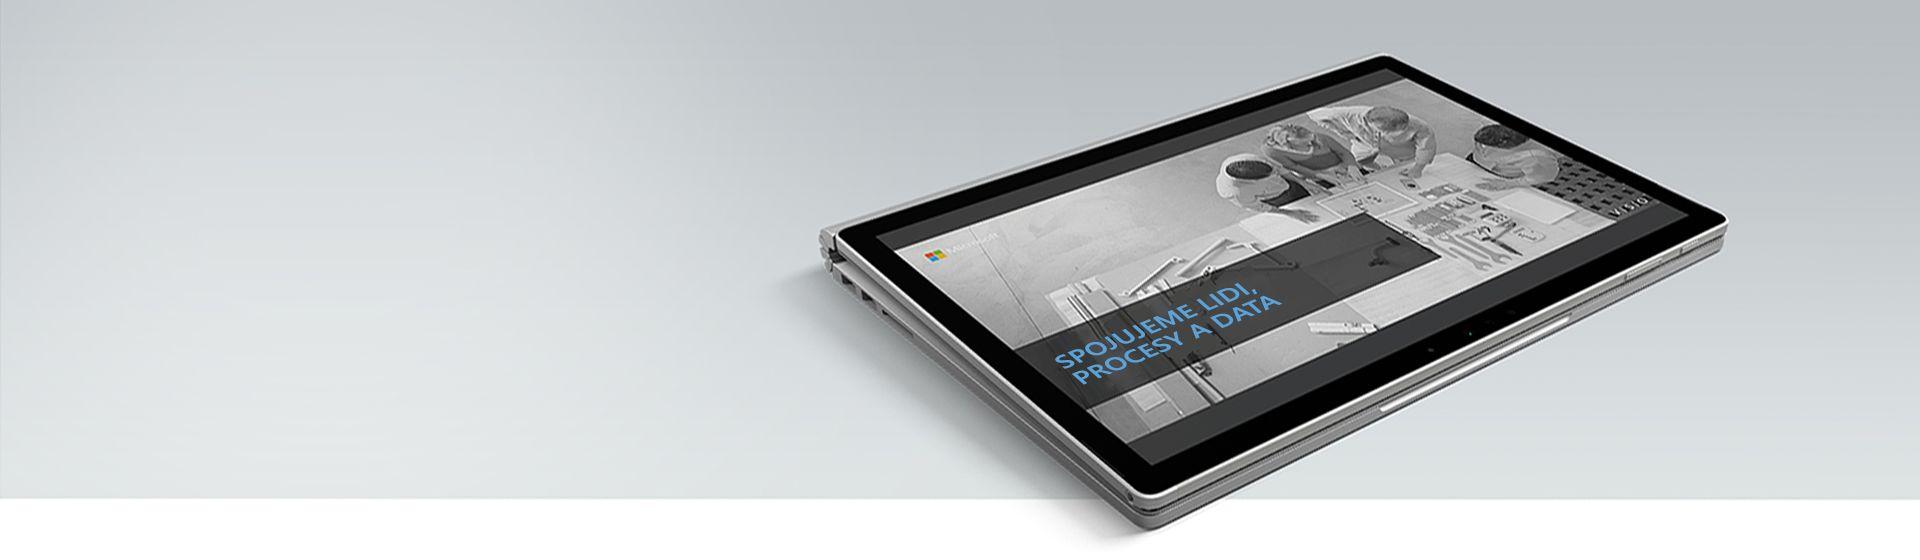 Obrazovka počítače zobrazující video ospojování lidí, procesů a dat